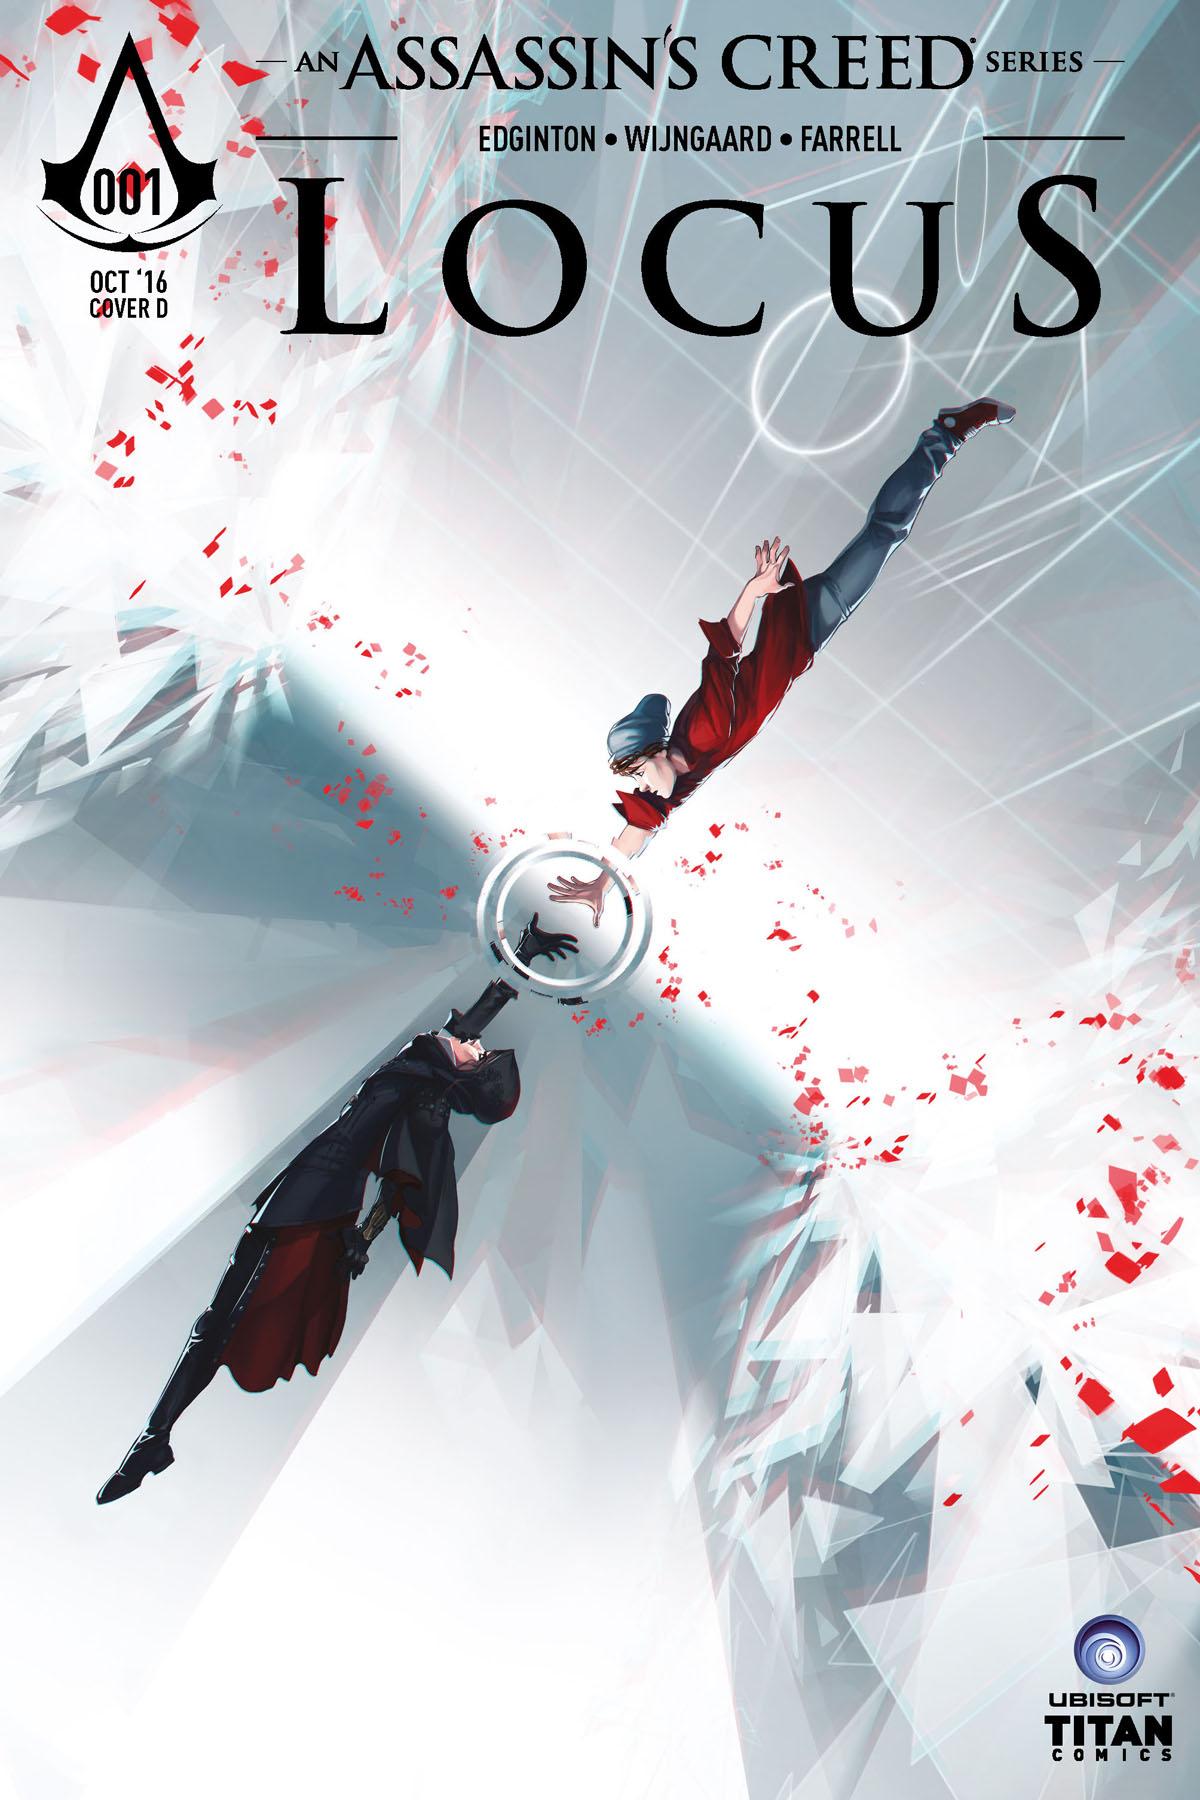 LOCUS 001 - COVER D